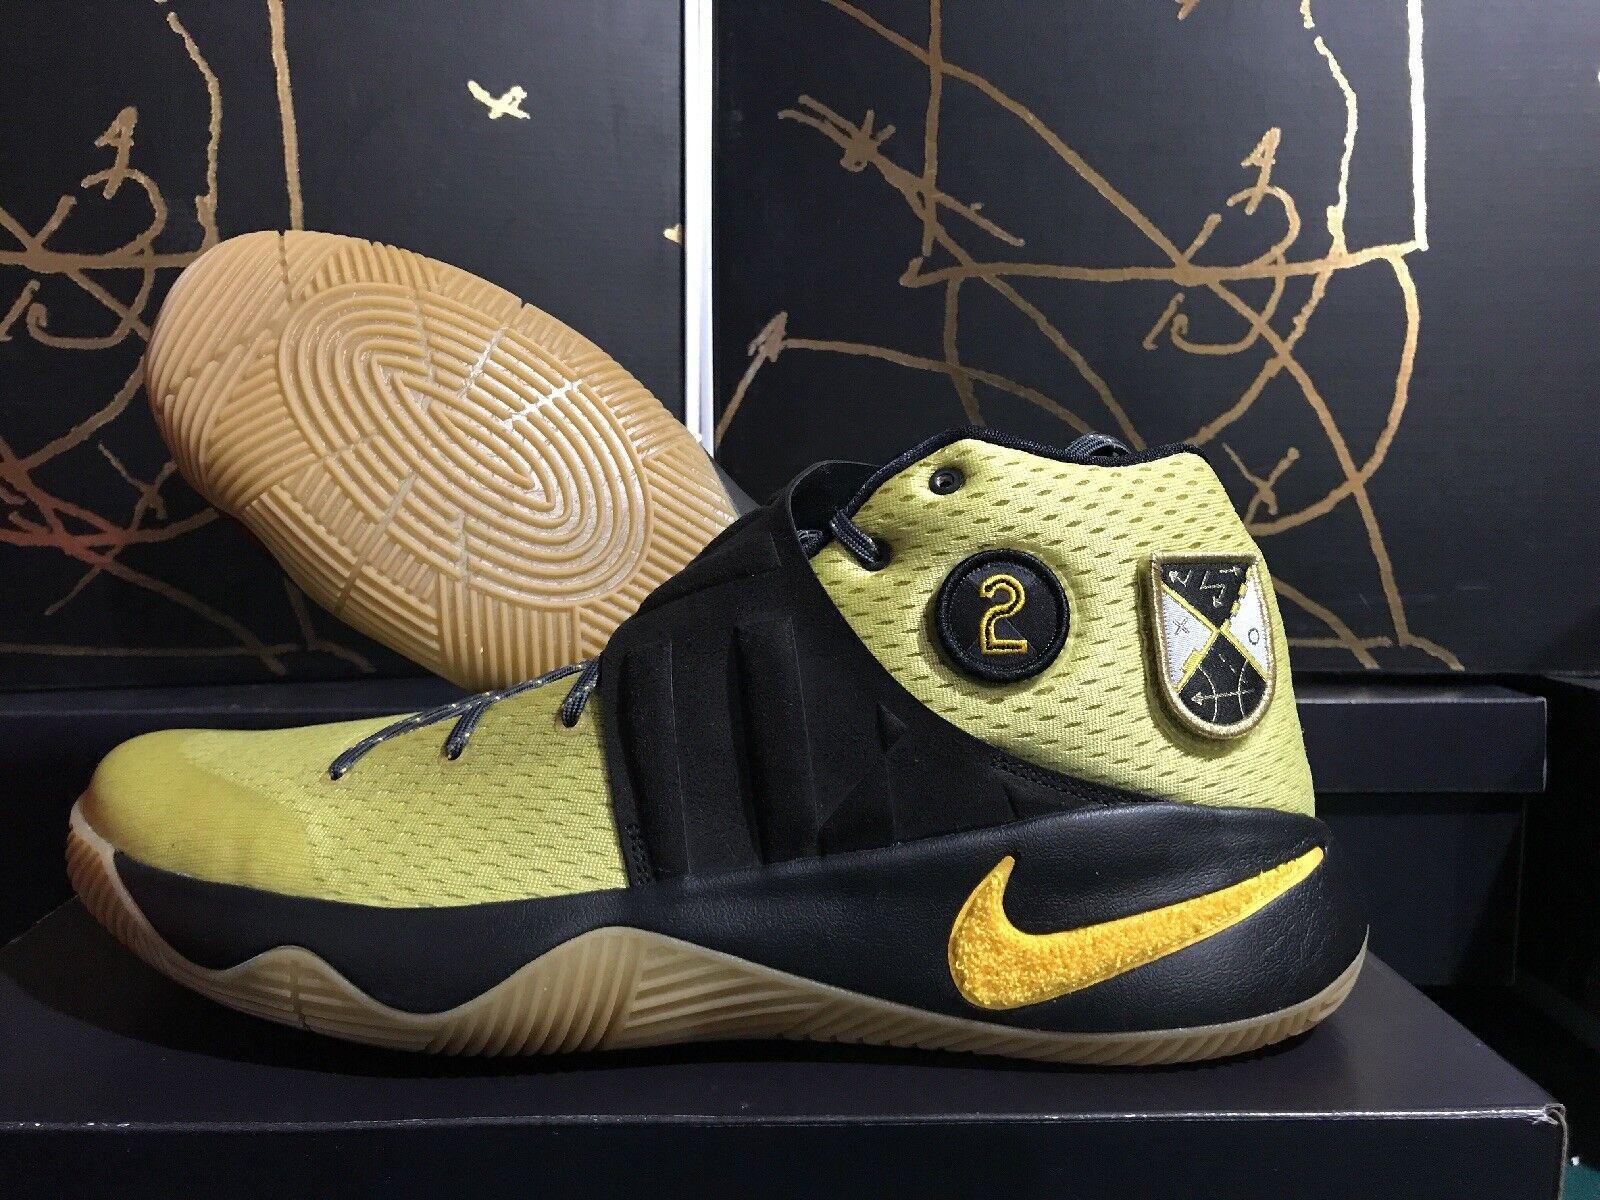 Nike kyrie 2 come la stella della squadra asg sedano / mais nero 835922-307 Uomo noi 14